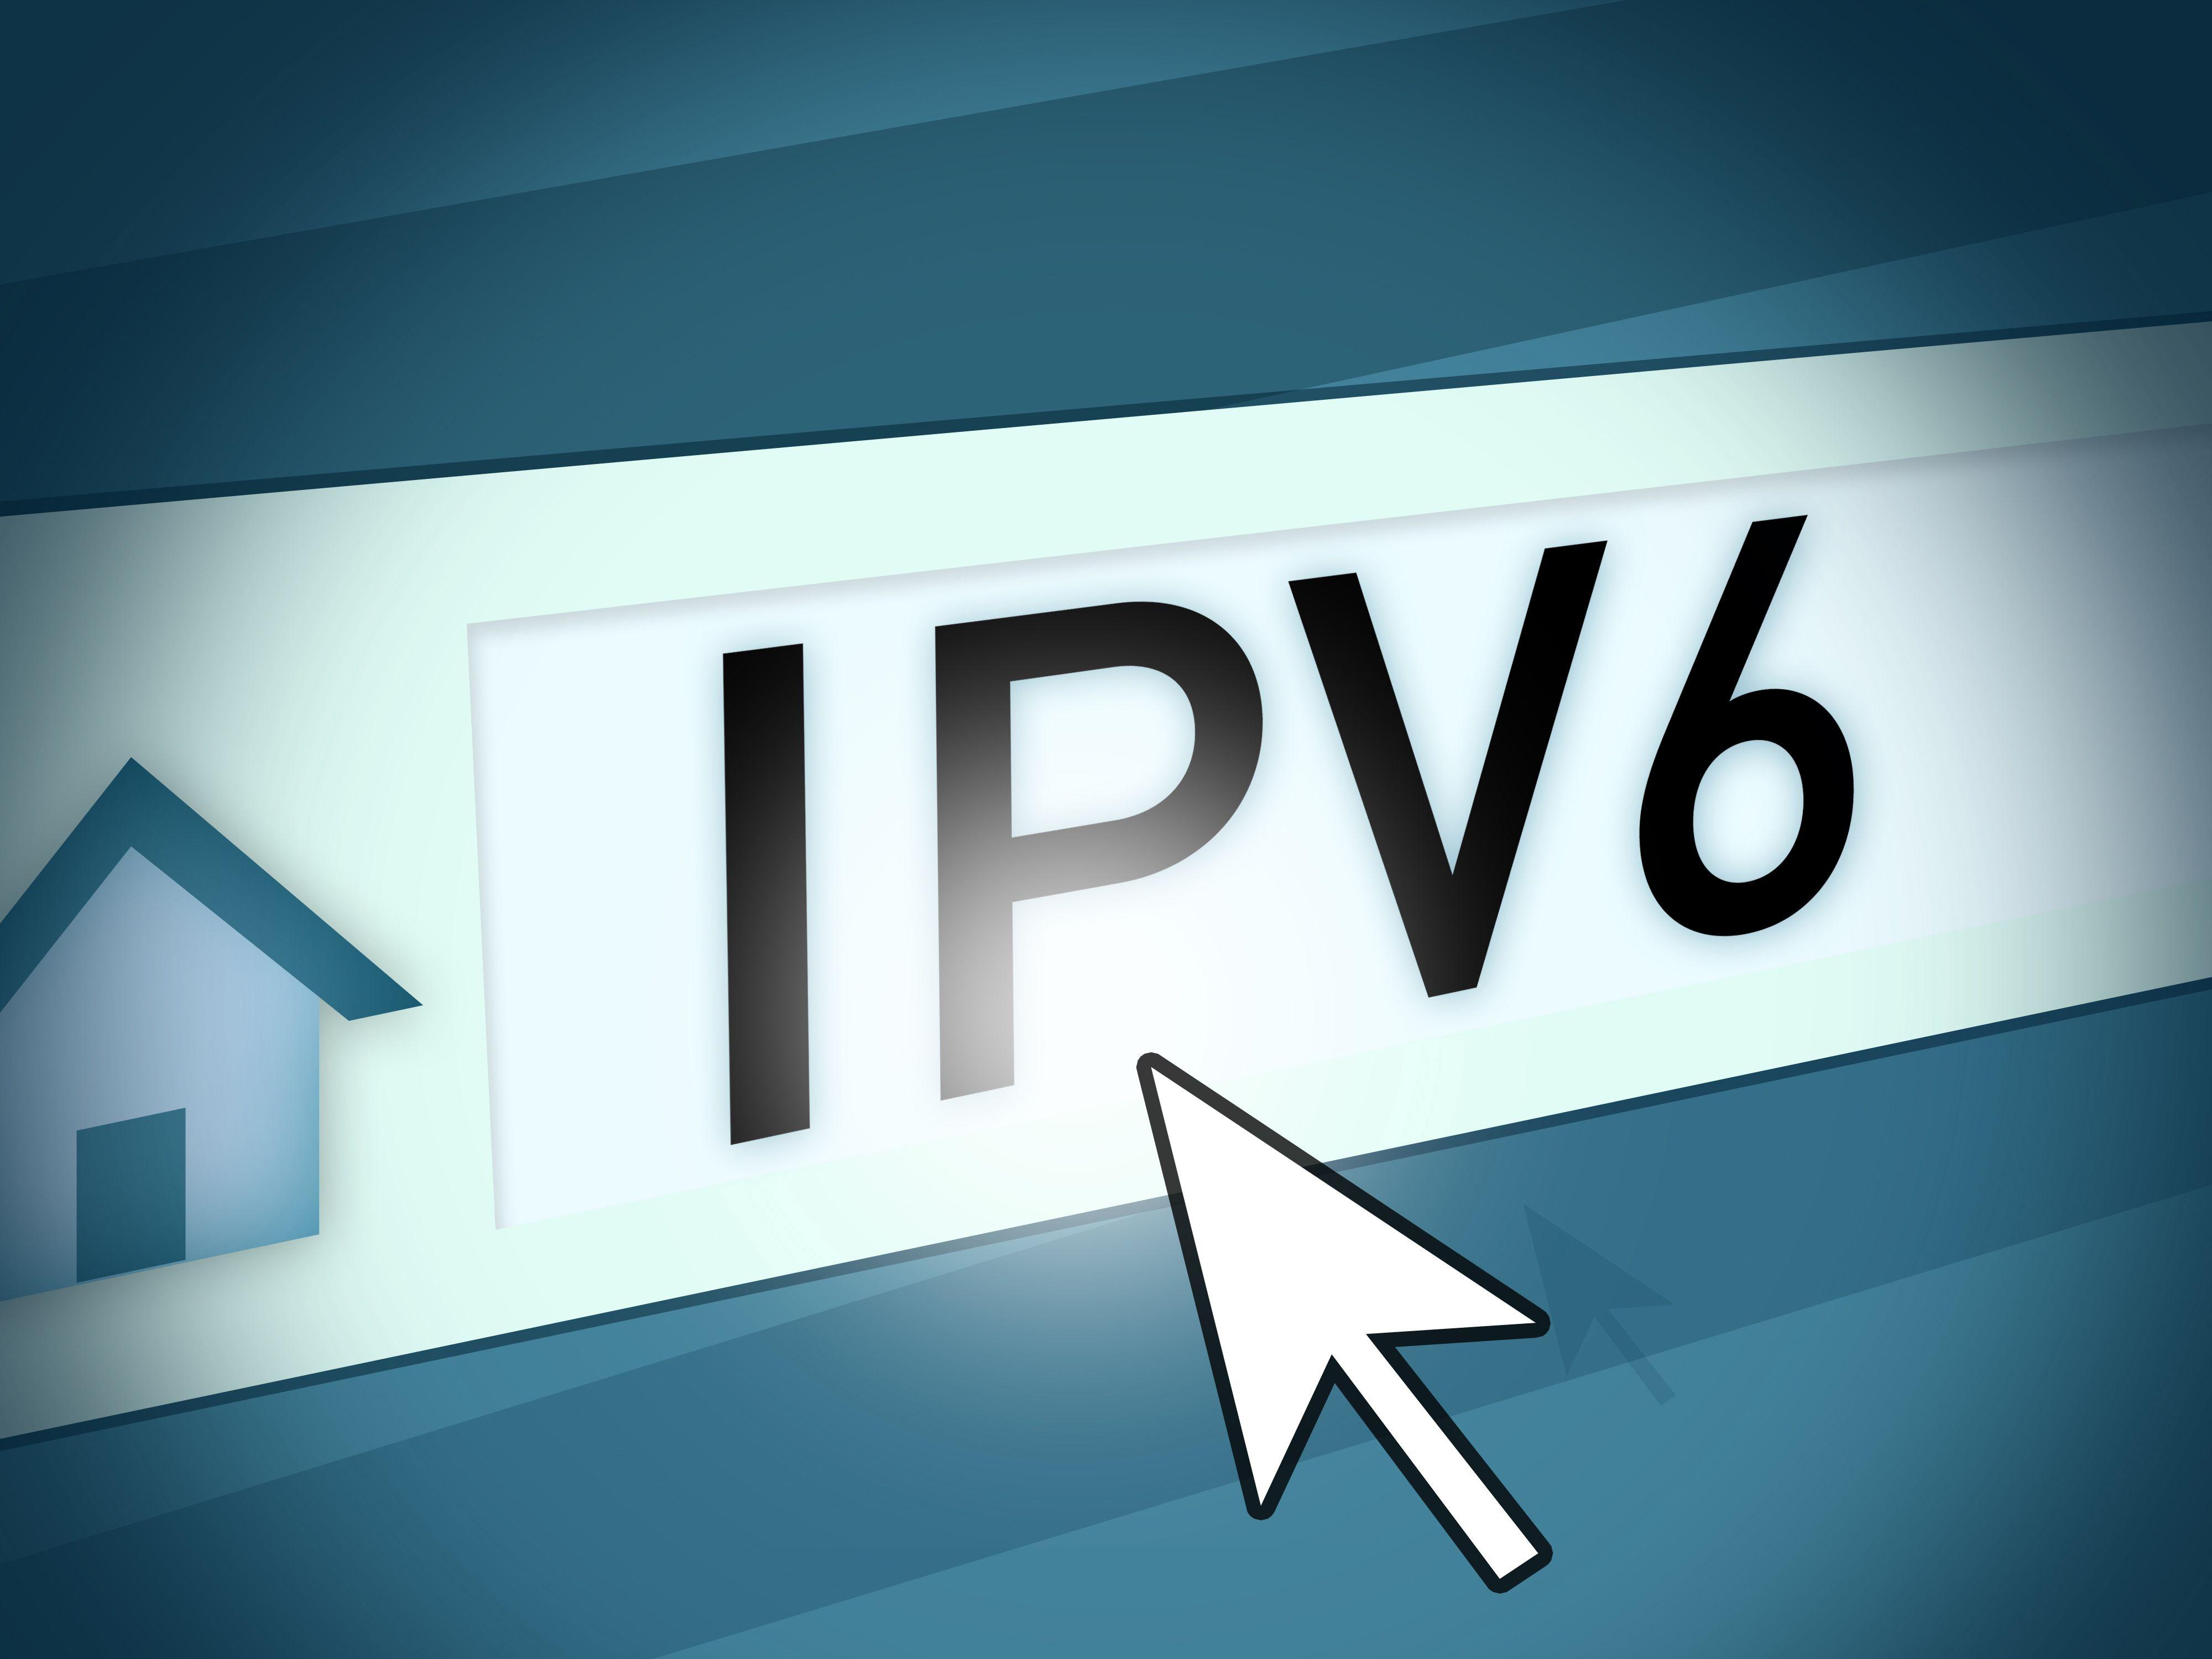 Med IPv6 blir antall IP-adresser praktisk talt uendelig. Foto: Shutterstock